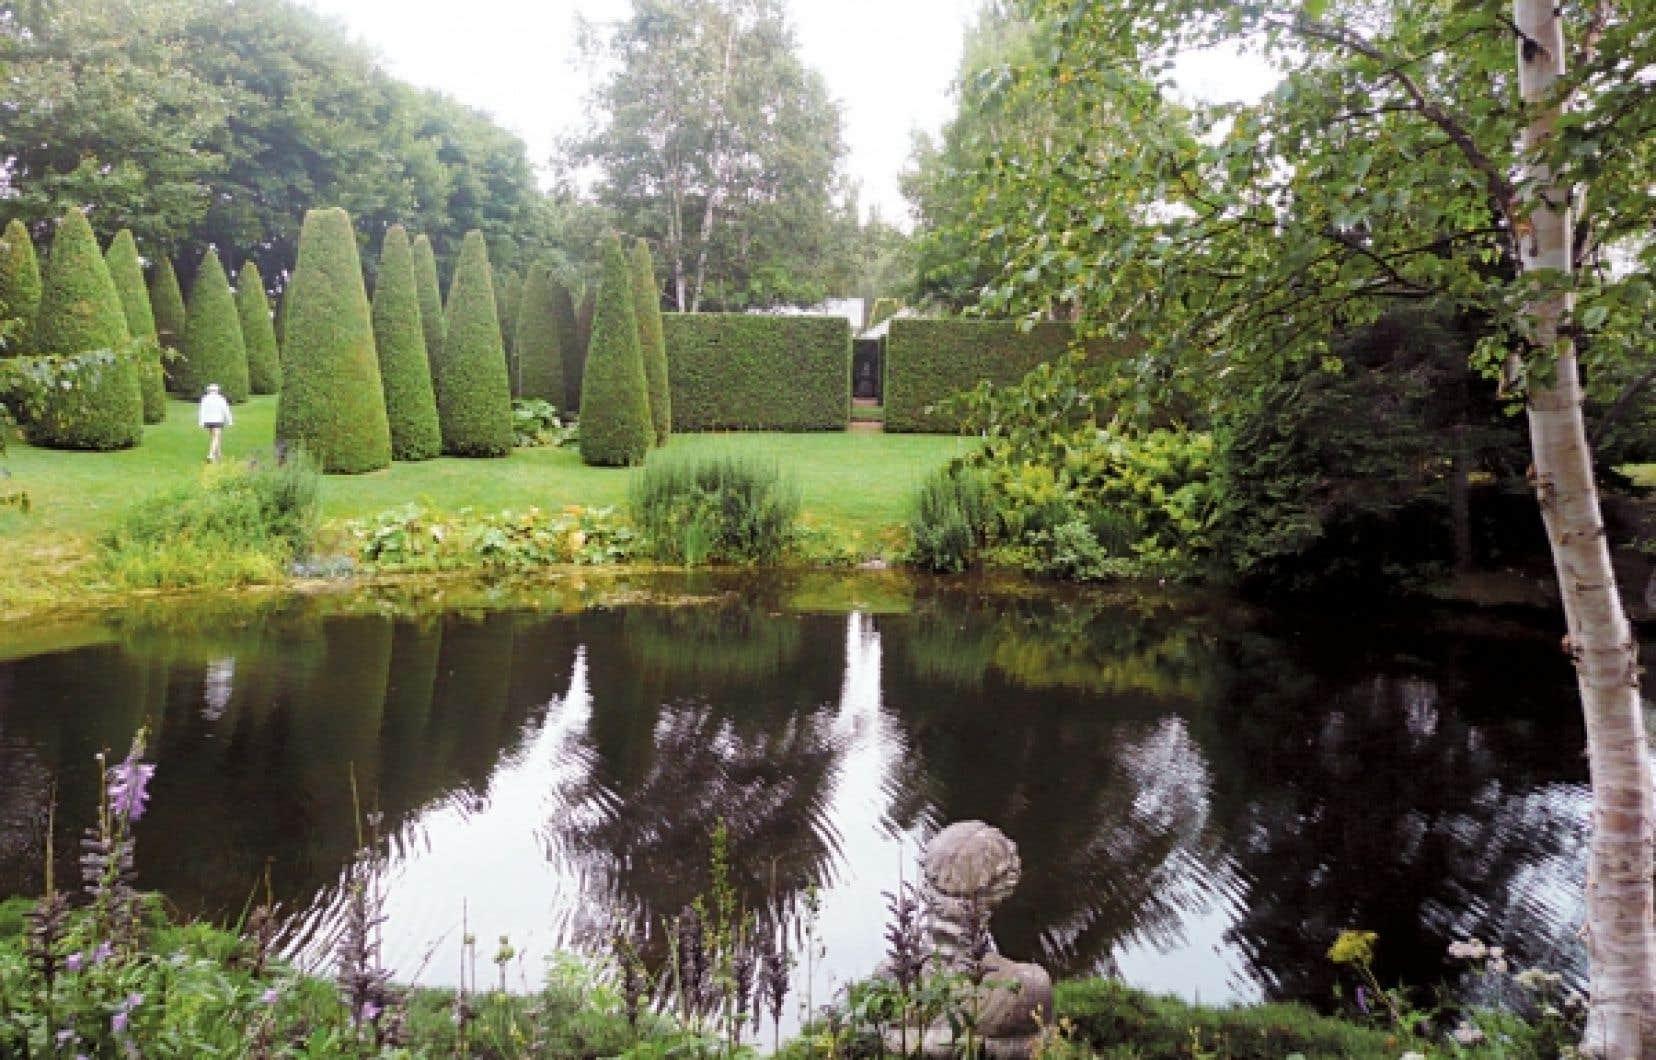 <div> Les jardins de Quatre-Vents, dans Charlevoix, font partie des grands jardins priv&eacute;s de l&rsquo;Am&eacute;rique du Nord. Voici l&rsquo;impeccable et impressionnante all&eacute;e des thuyas et, &agrave; l&rsquo;avant-plan, le lac des Libellules.</div>